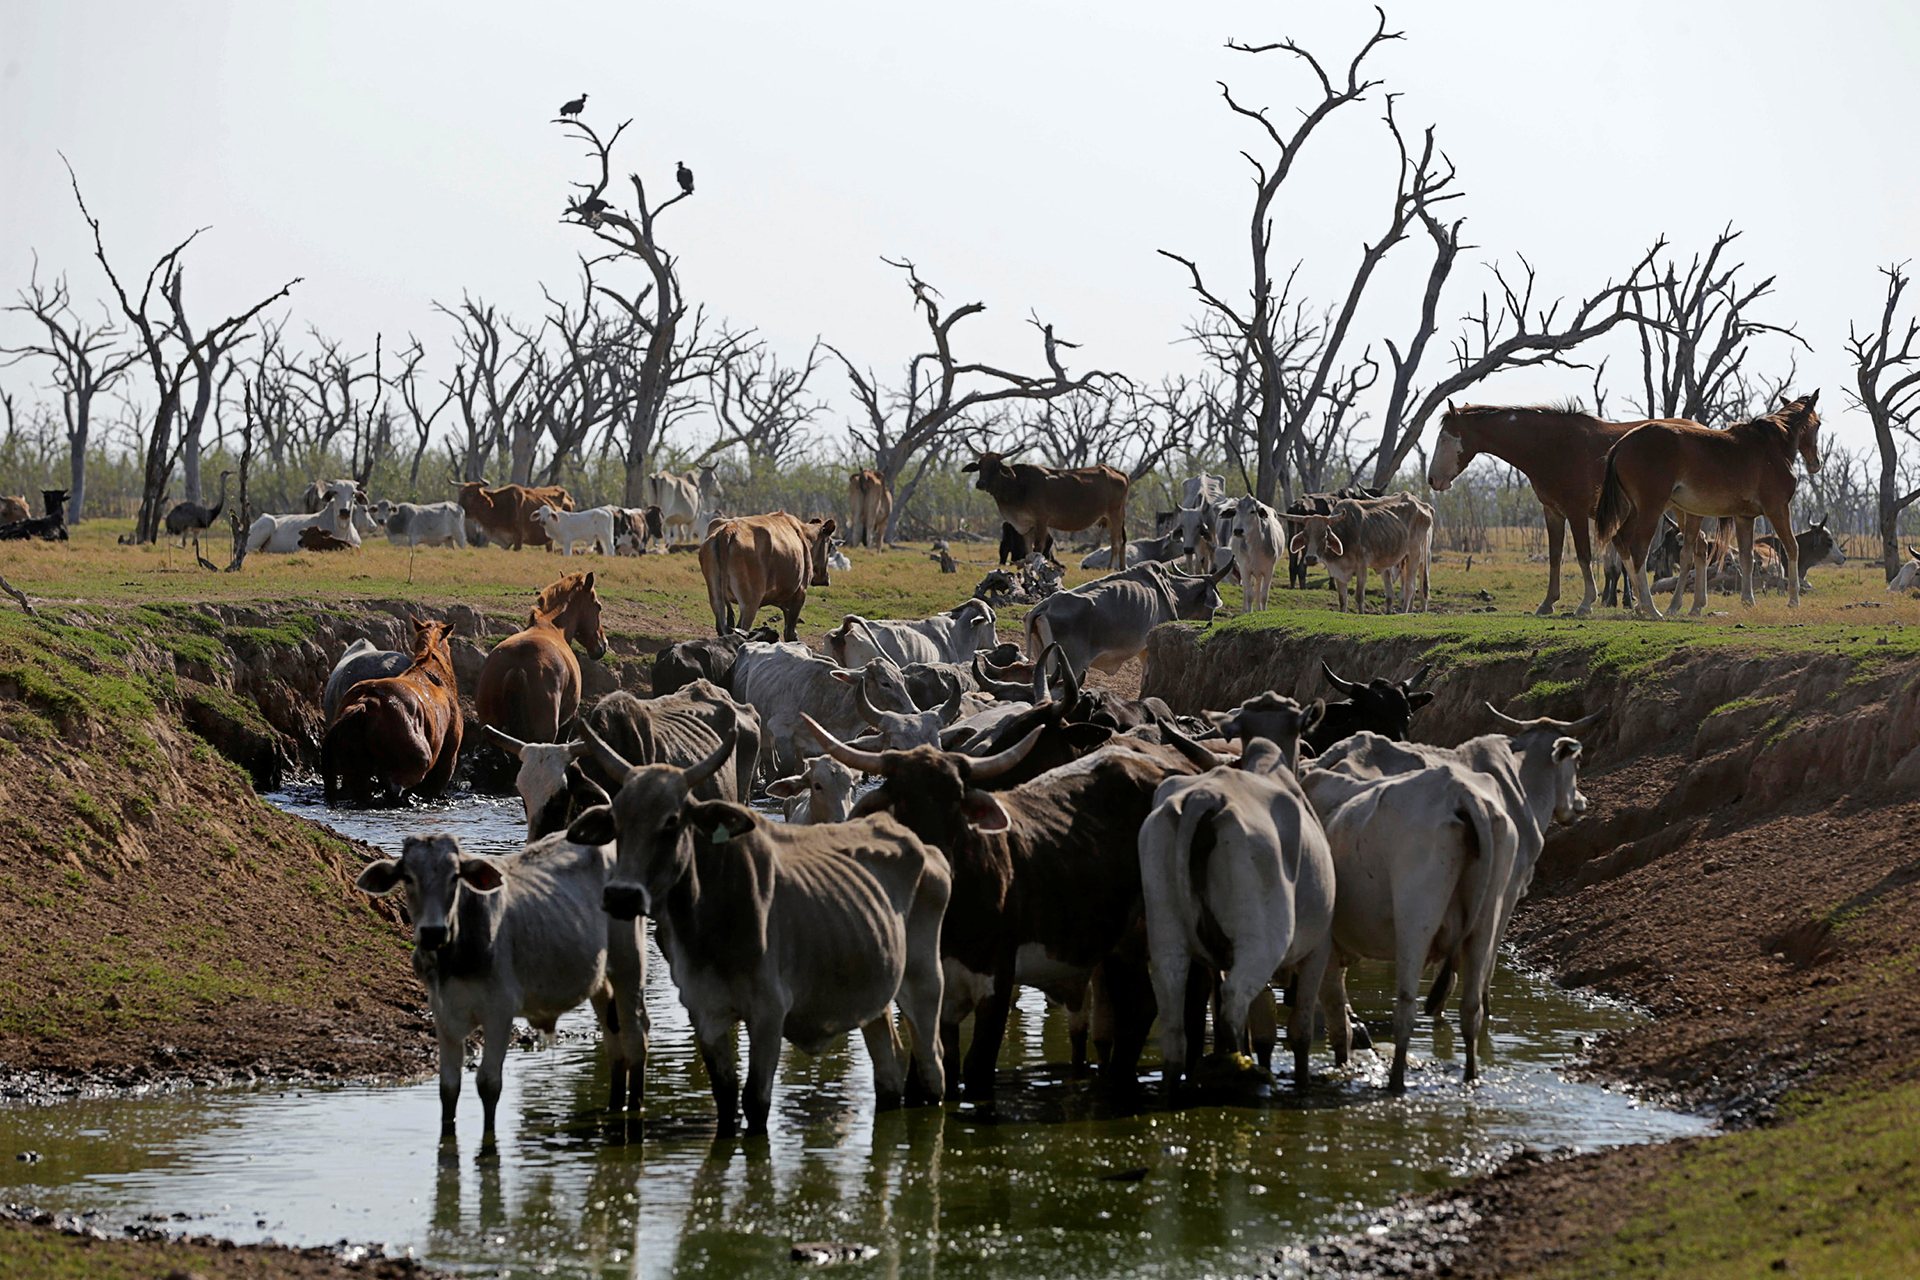 Integrantes de ONGs ambientalistas advierten por la inminencia de un desastre ecológico en el curso del agua del Río Pilcomayo